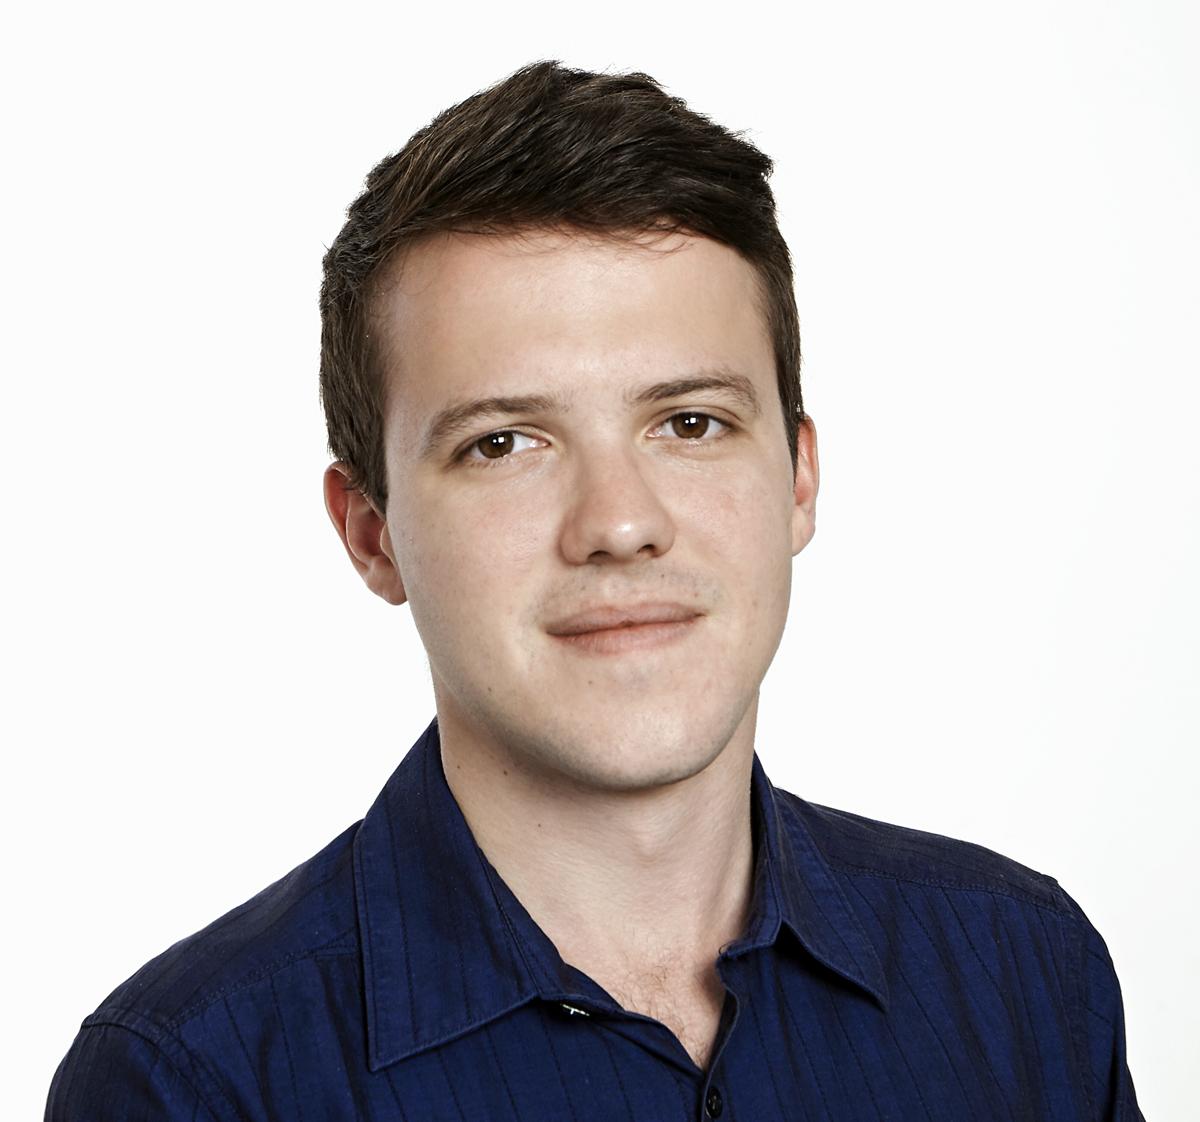 Jean-Philippe Pourcelot, an economist at Focus Economics